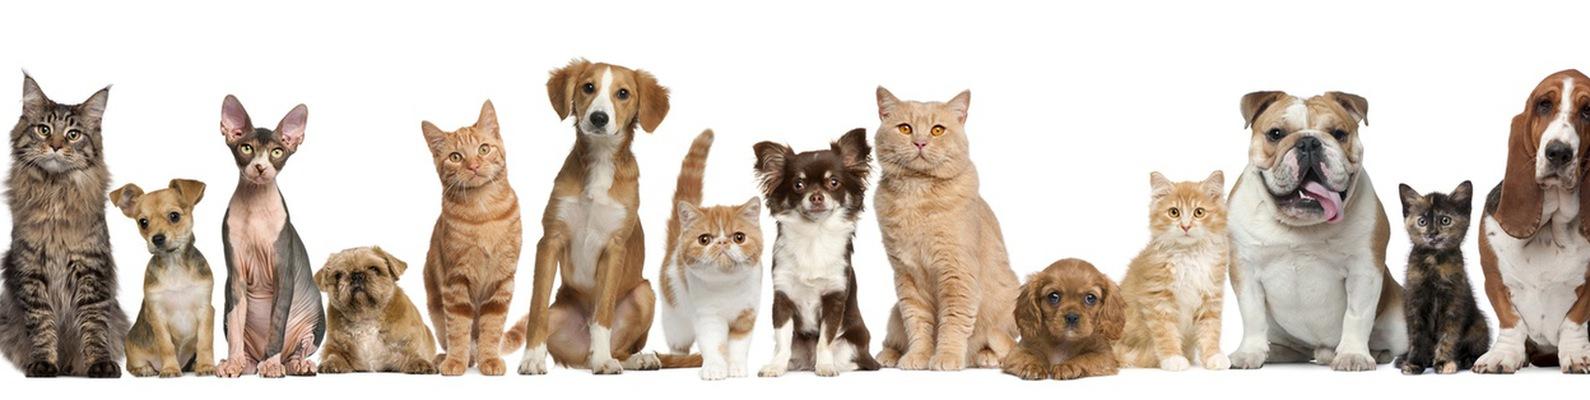 колыбельная для кошек слушать онлайн